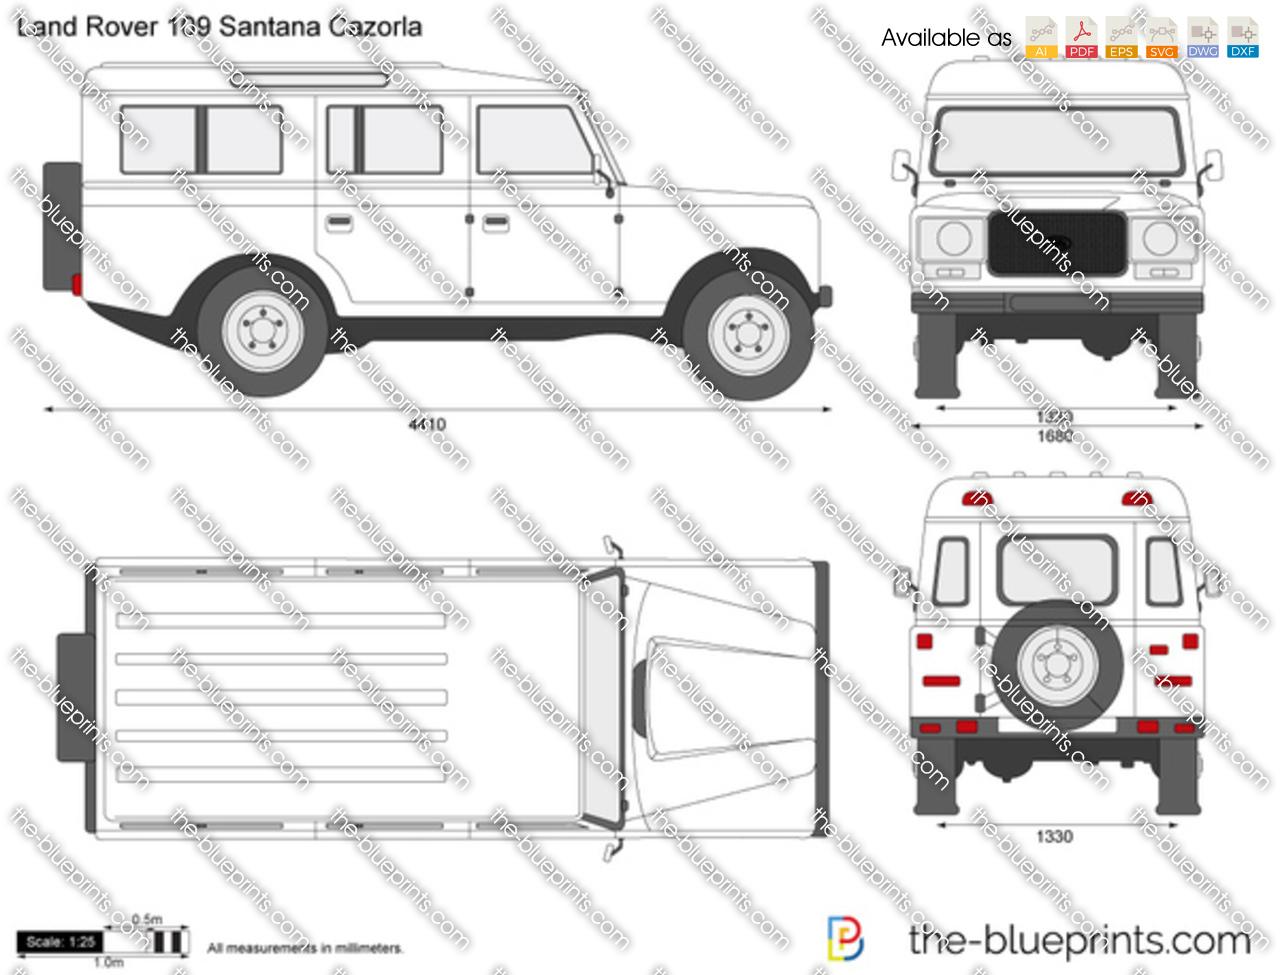 Land Rover 109 Santana Cazorla 1987